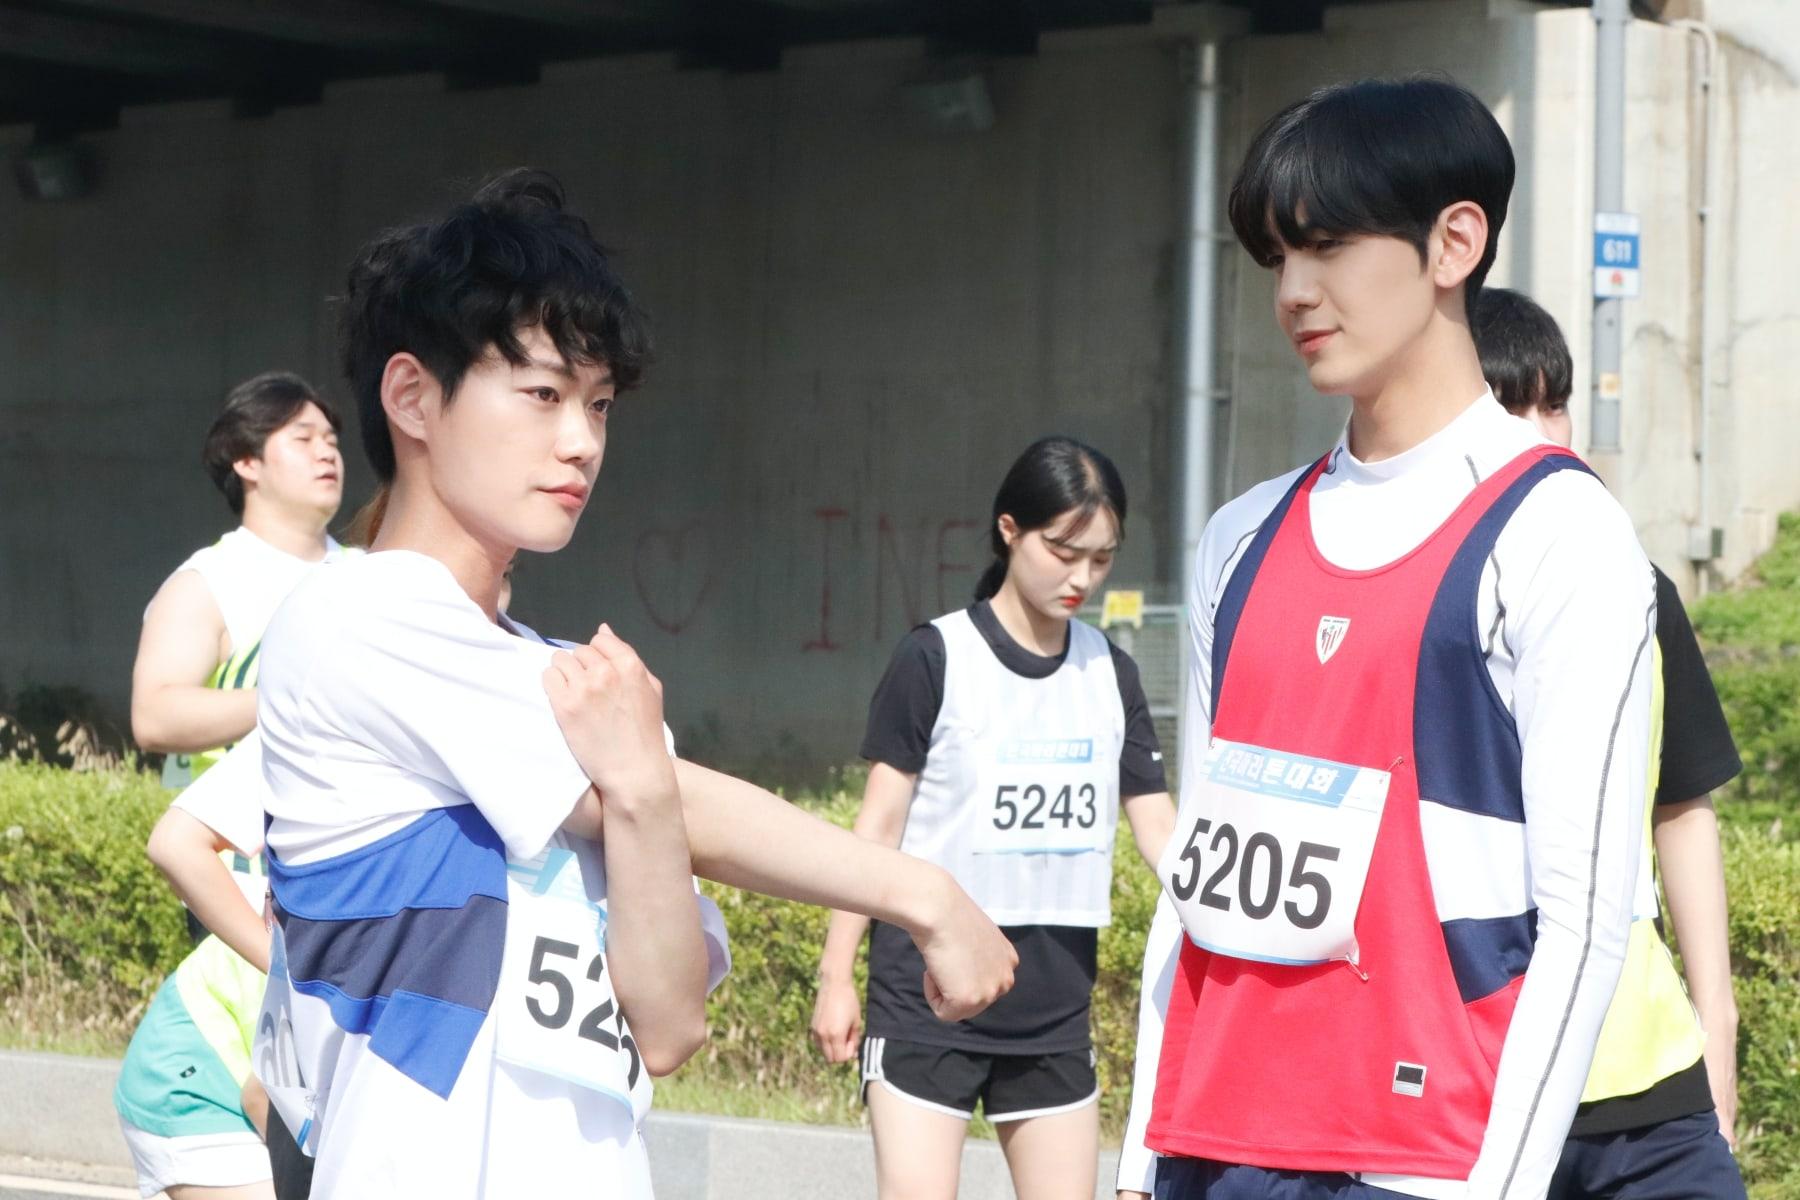 lee se jin cheon seung ho